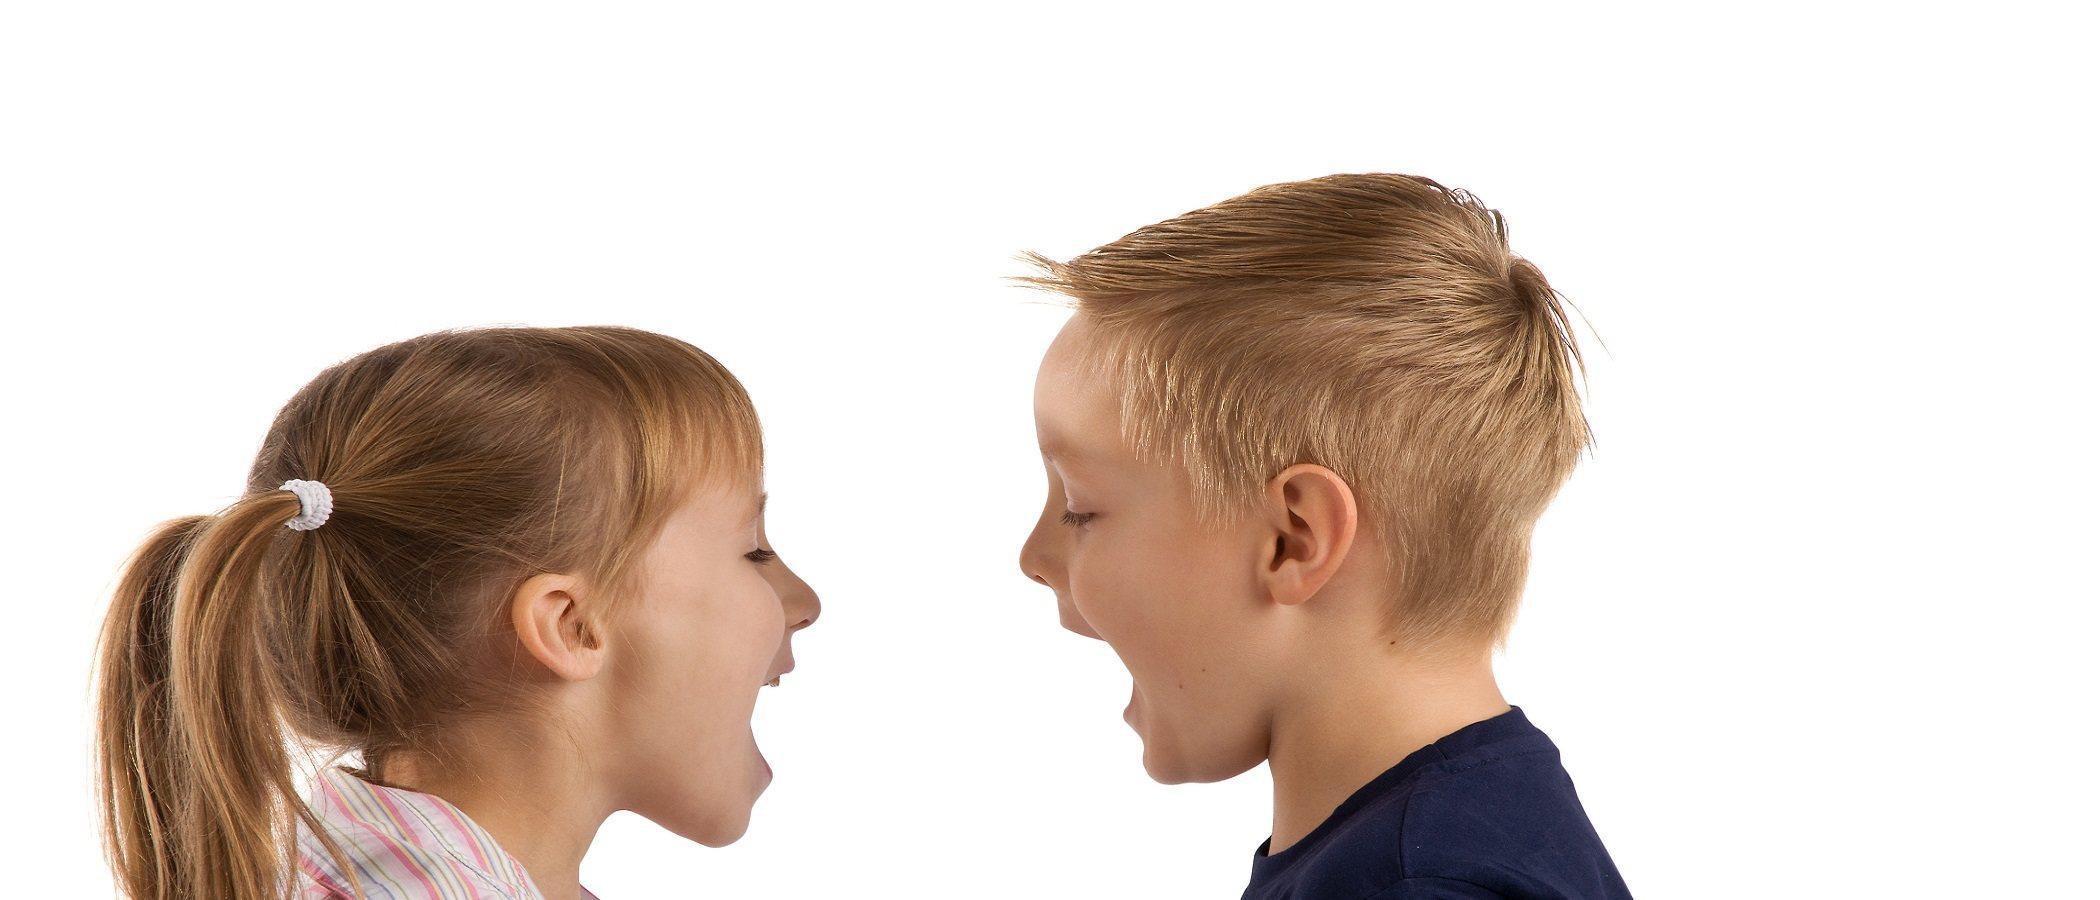 Cómo enseñar a los niños la diferencia entre asertividad y agresividad